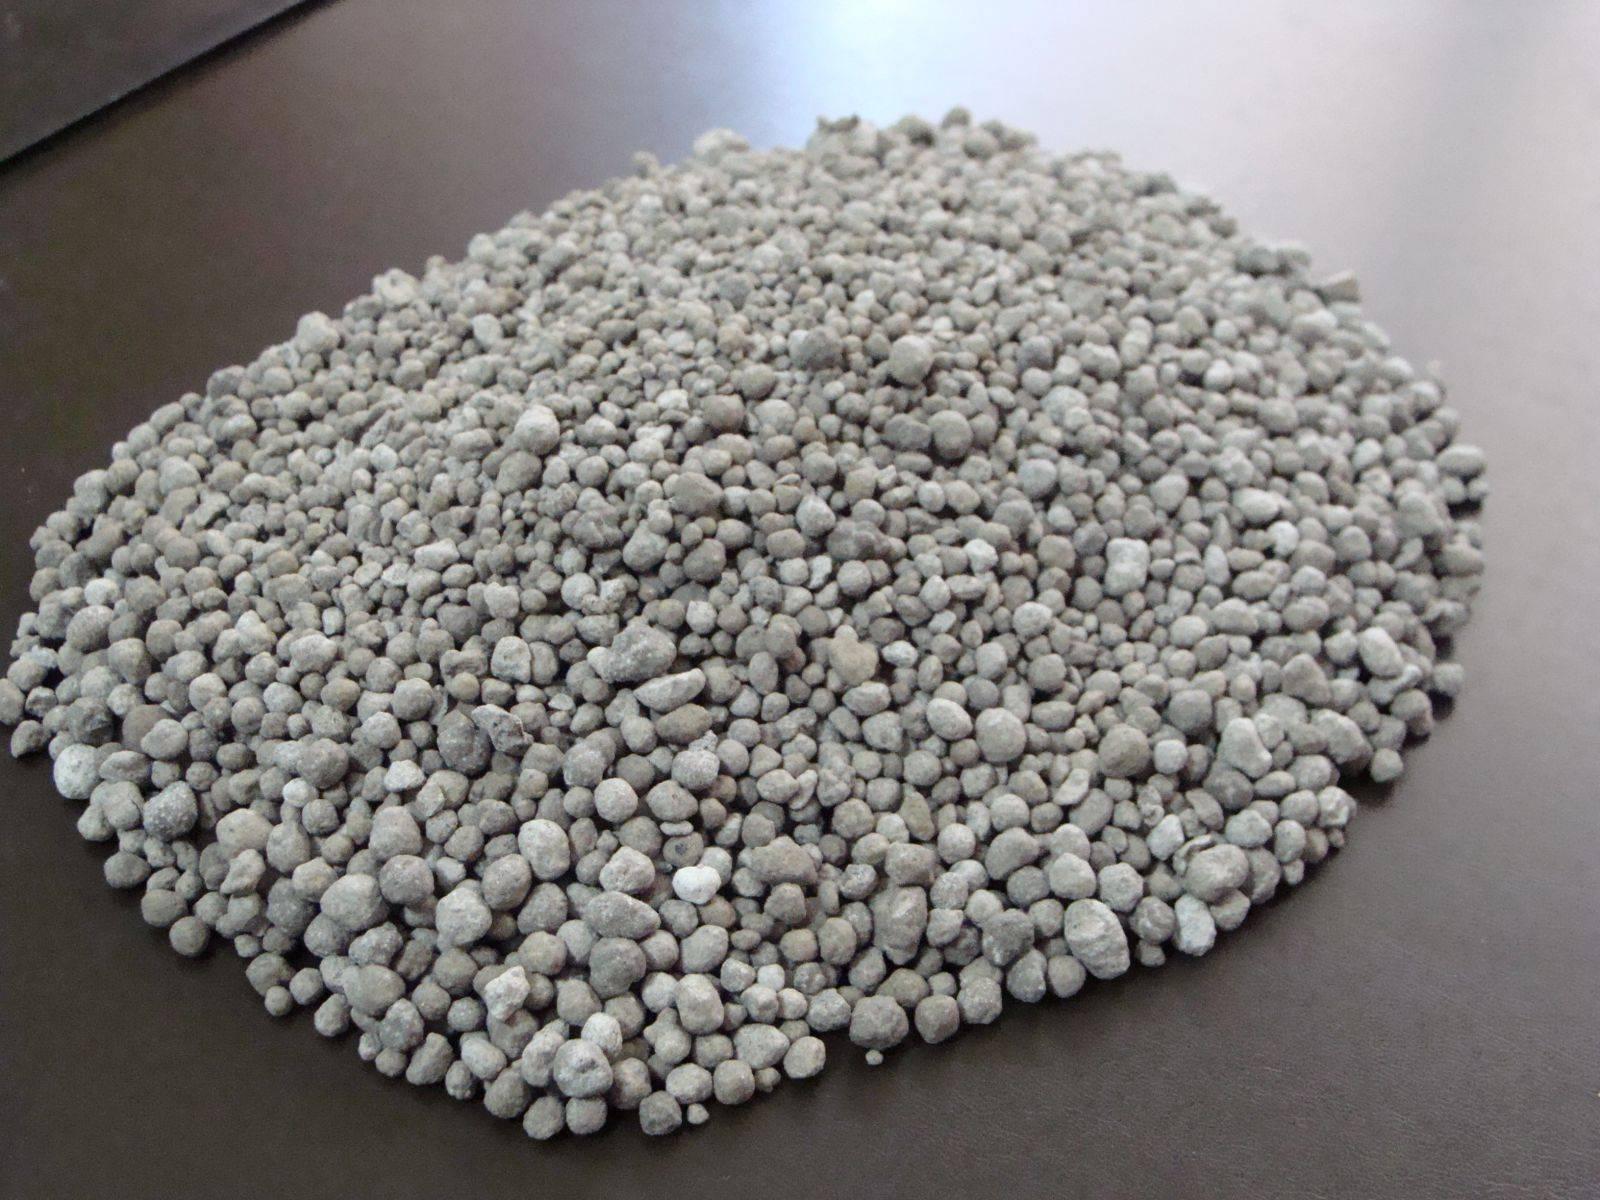 Удобрение Суперфосфат: инструкция по применению, как растворить в воде